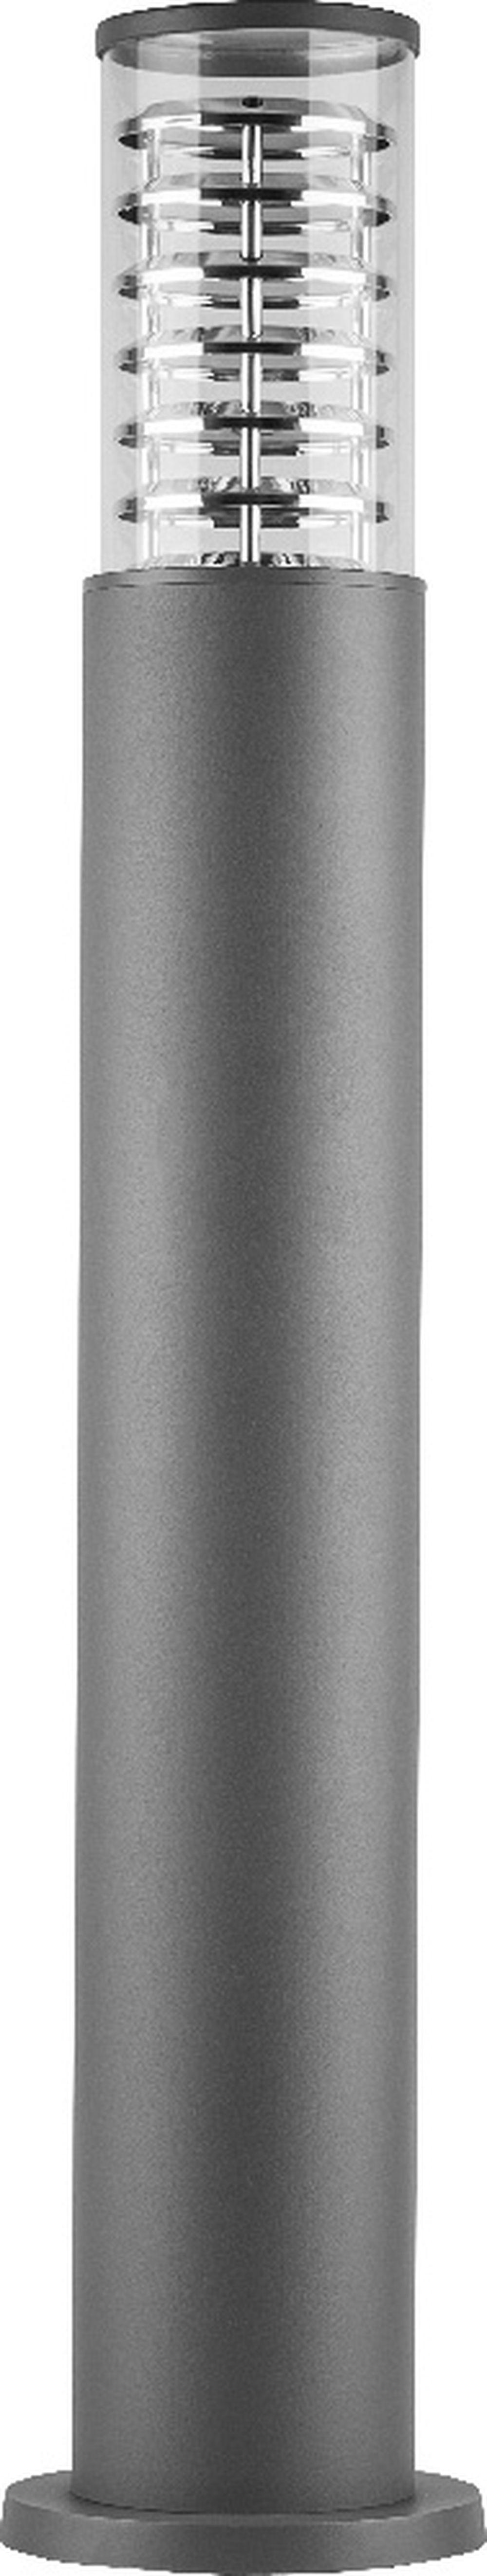 Светильник уличный Feron 6303 brilliant светильник настенный или потолочный